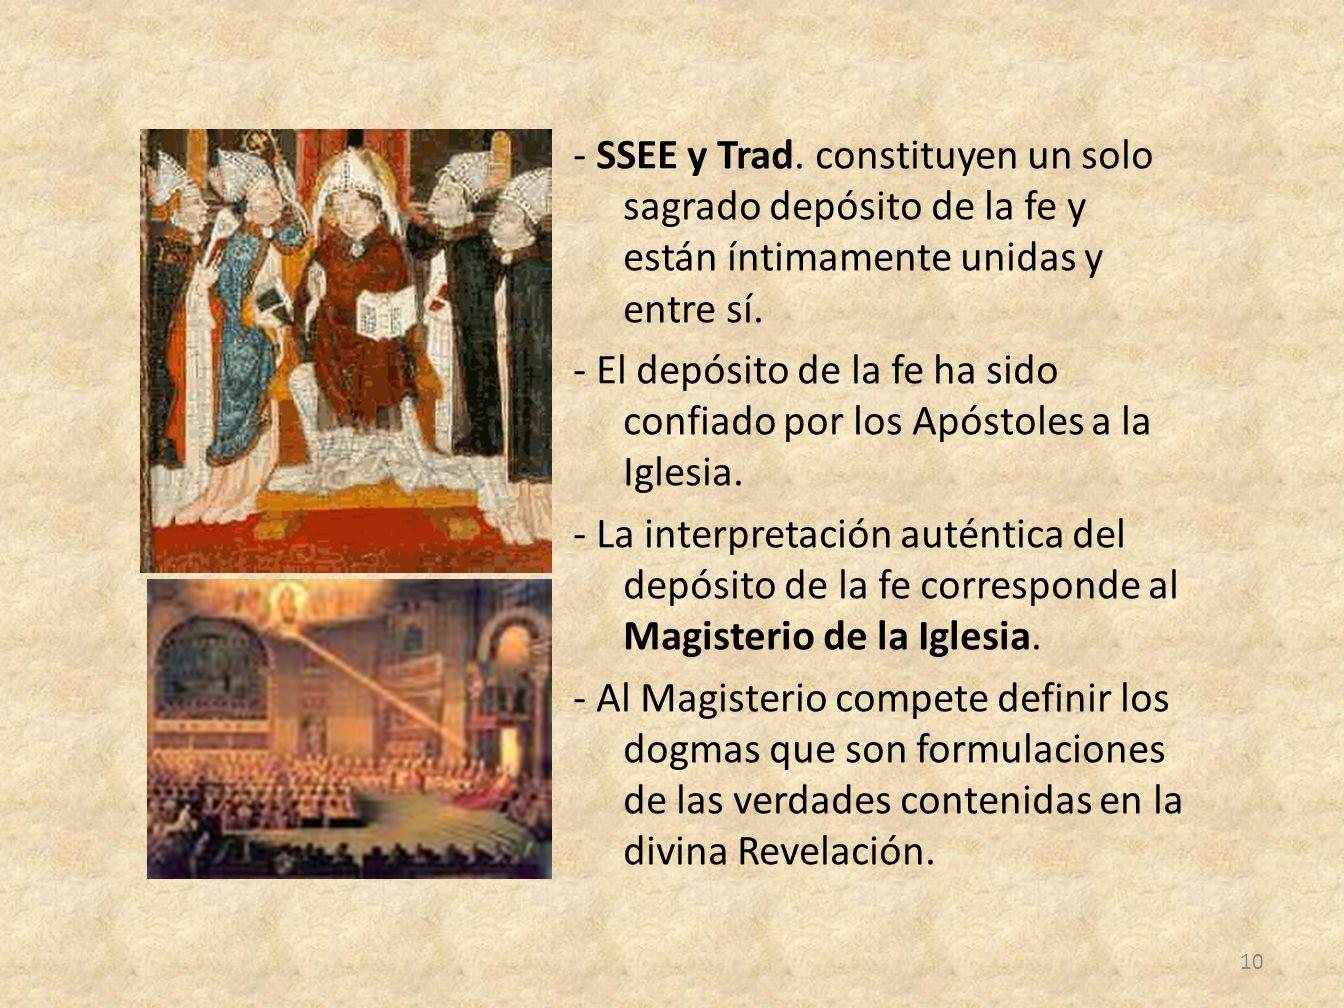 - SSEE y Trad. constituyen un solo sagrado depósito de la fe y están íntimamente unidas y entre sí. - El depósito de la fe ha sido confiado por los Ap